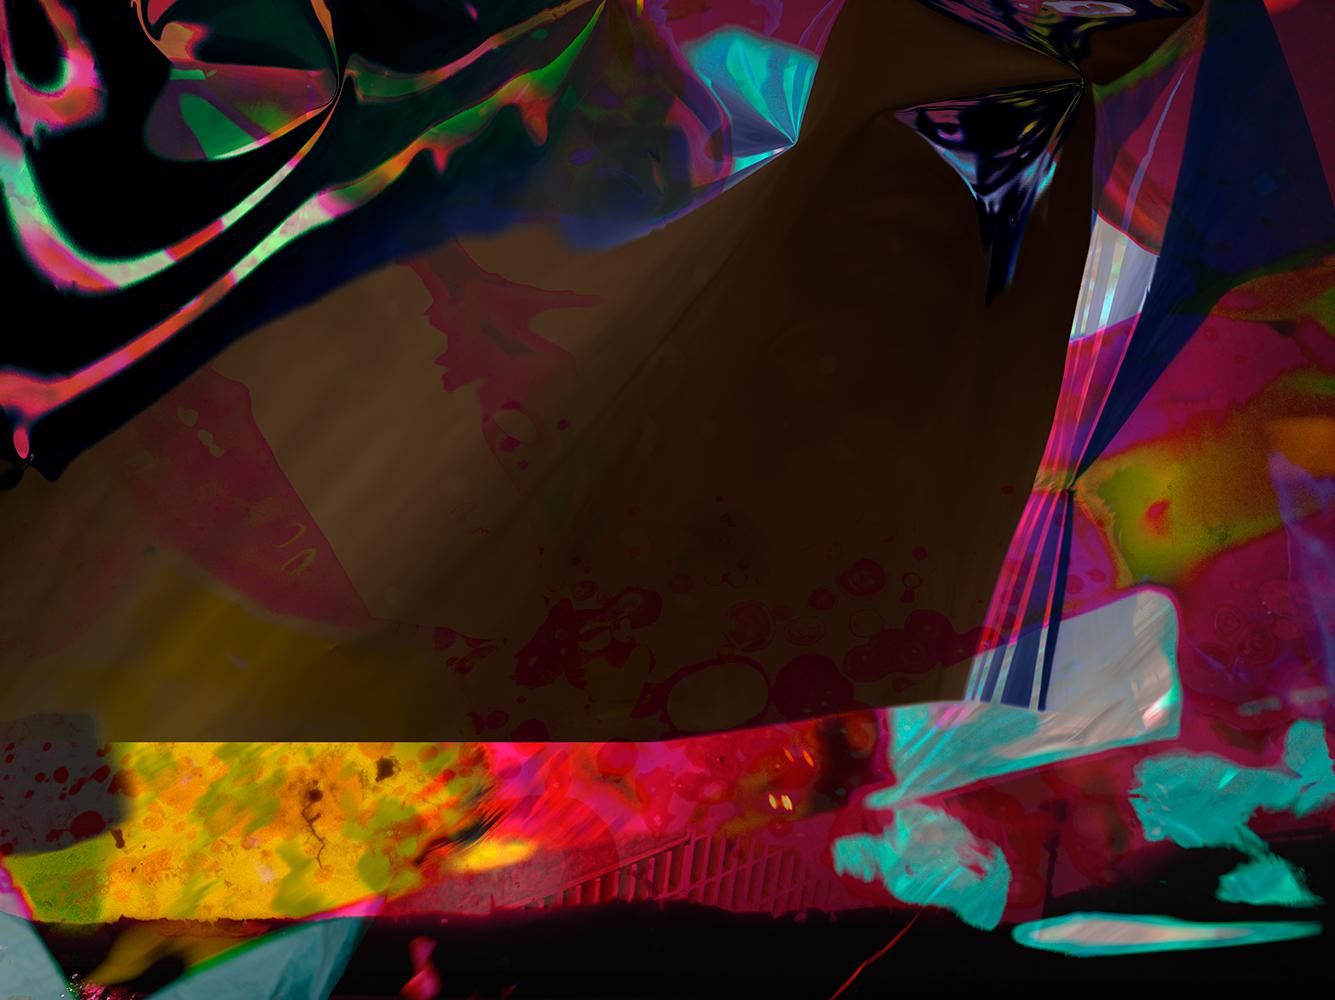 Elias Wessel  Hinter den Dingen 5 , 2017  Color Photograph  Original: 180 x 240.3 cm